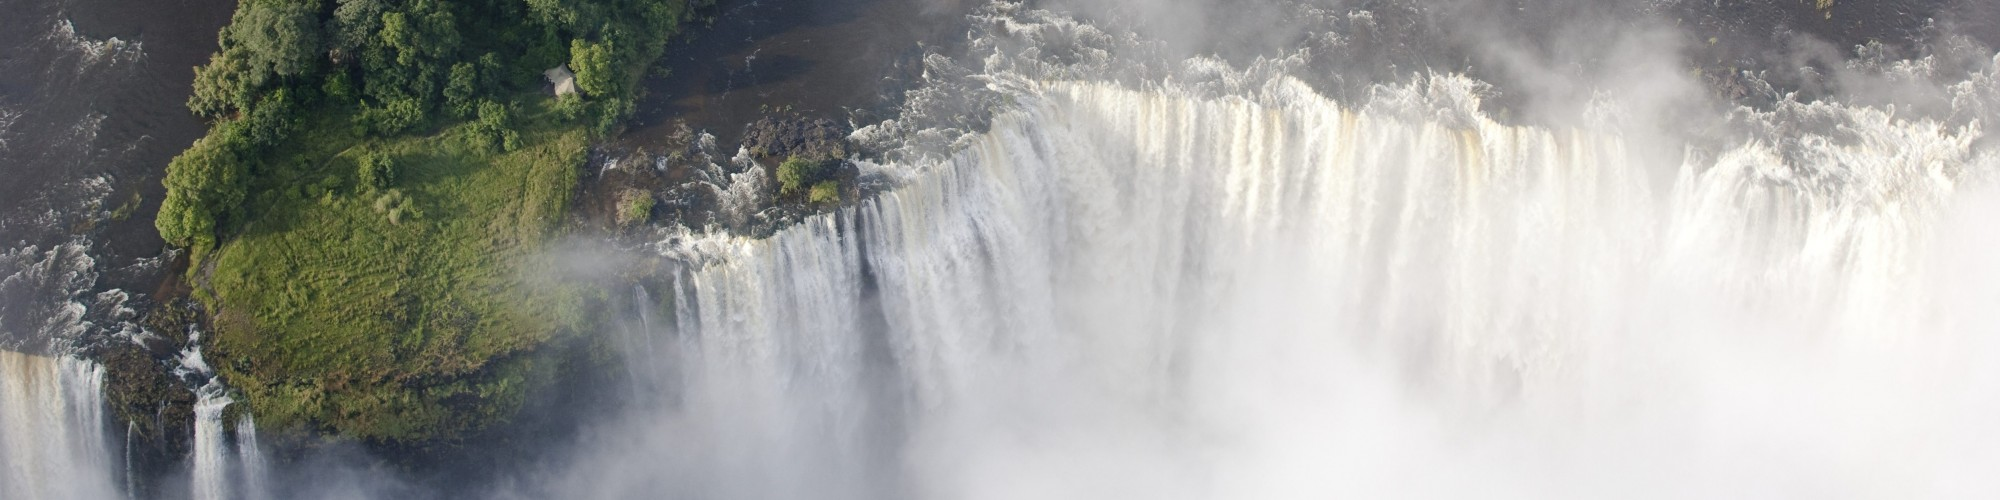 Livingstone Island, Victoria Falls, Zambia